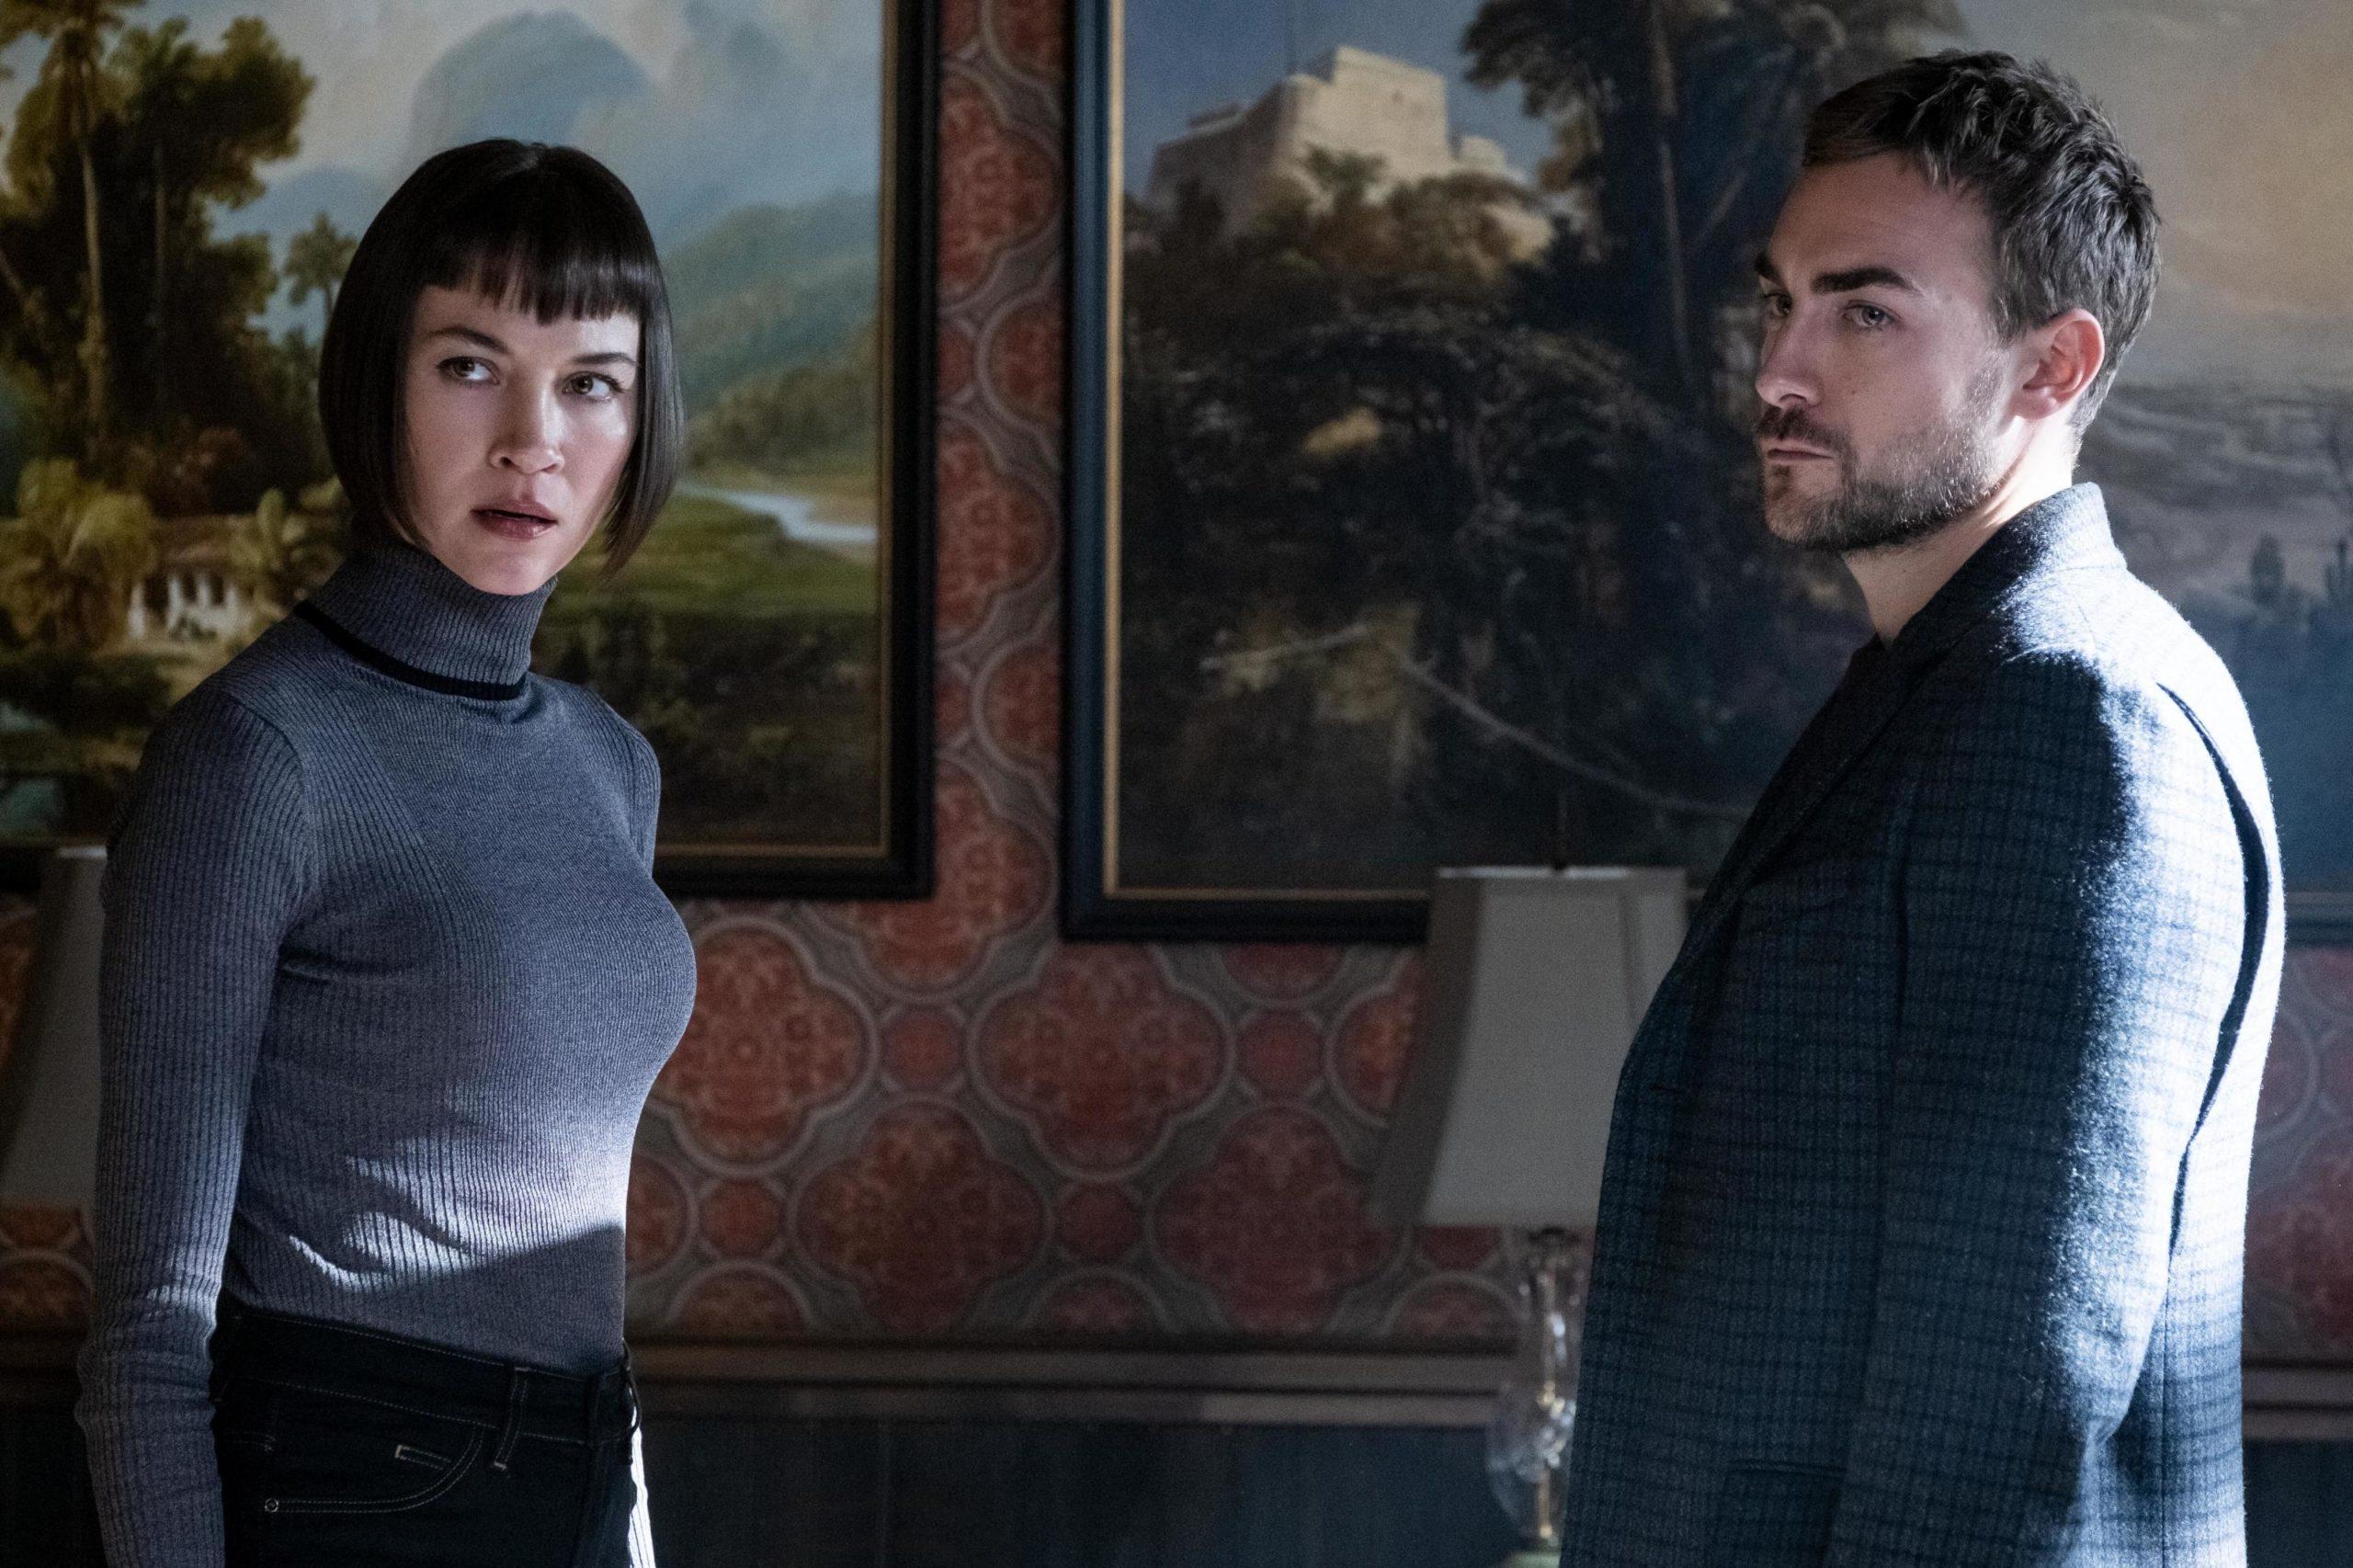 Sydney Lemmon as Ana Helstrom and Tom Austen as Daimon Helstrom in Hulu's Helstrom